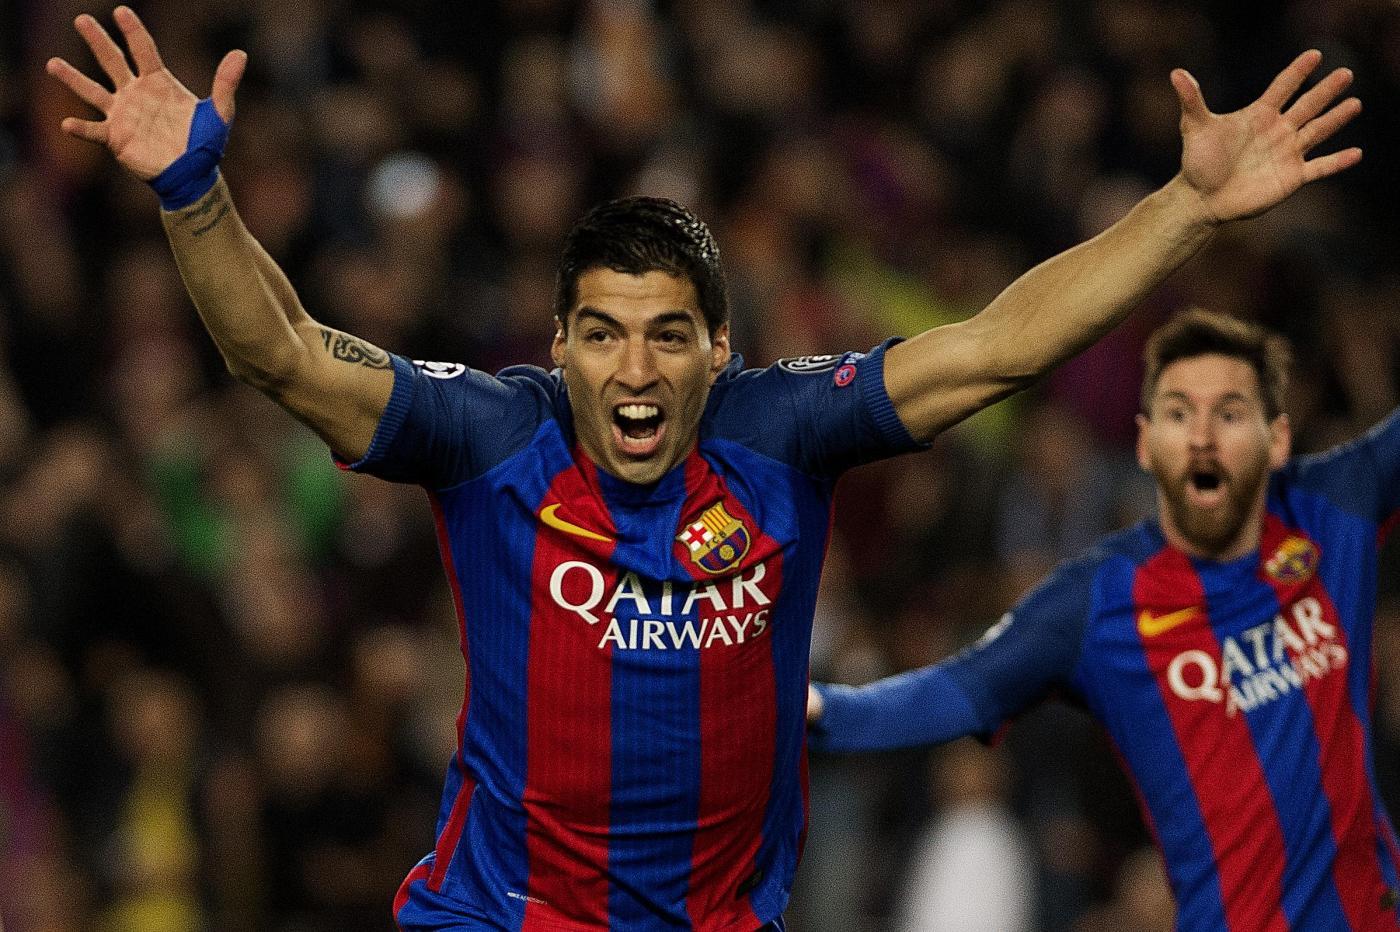 Barcellona-Levante domenica 7 gennaio, analisi, probabili formazioni e pronostico LaLiga giornata 18